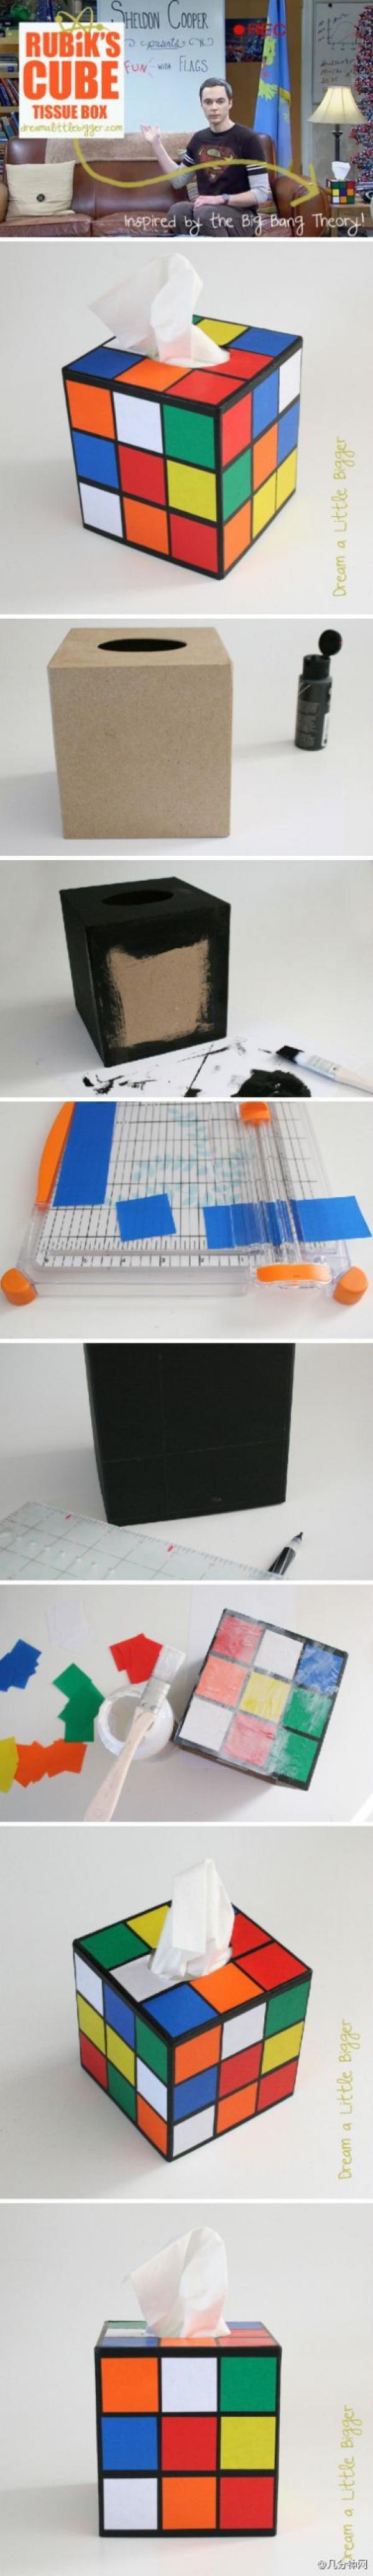 Créer une boîte à mouchoir Rubik's cube.